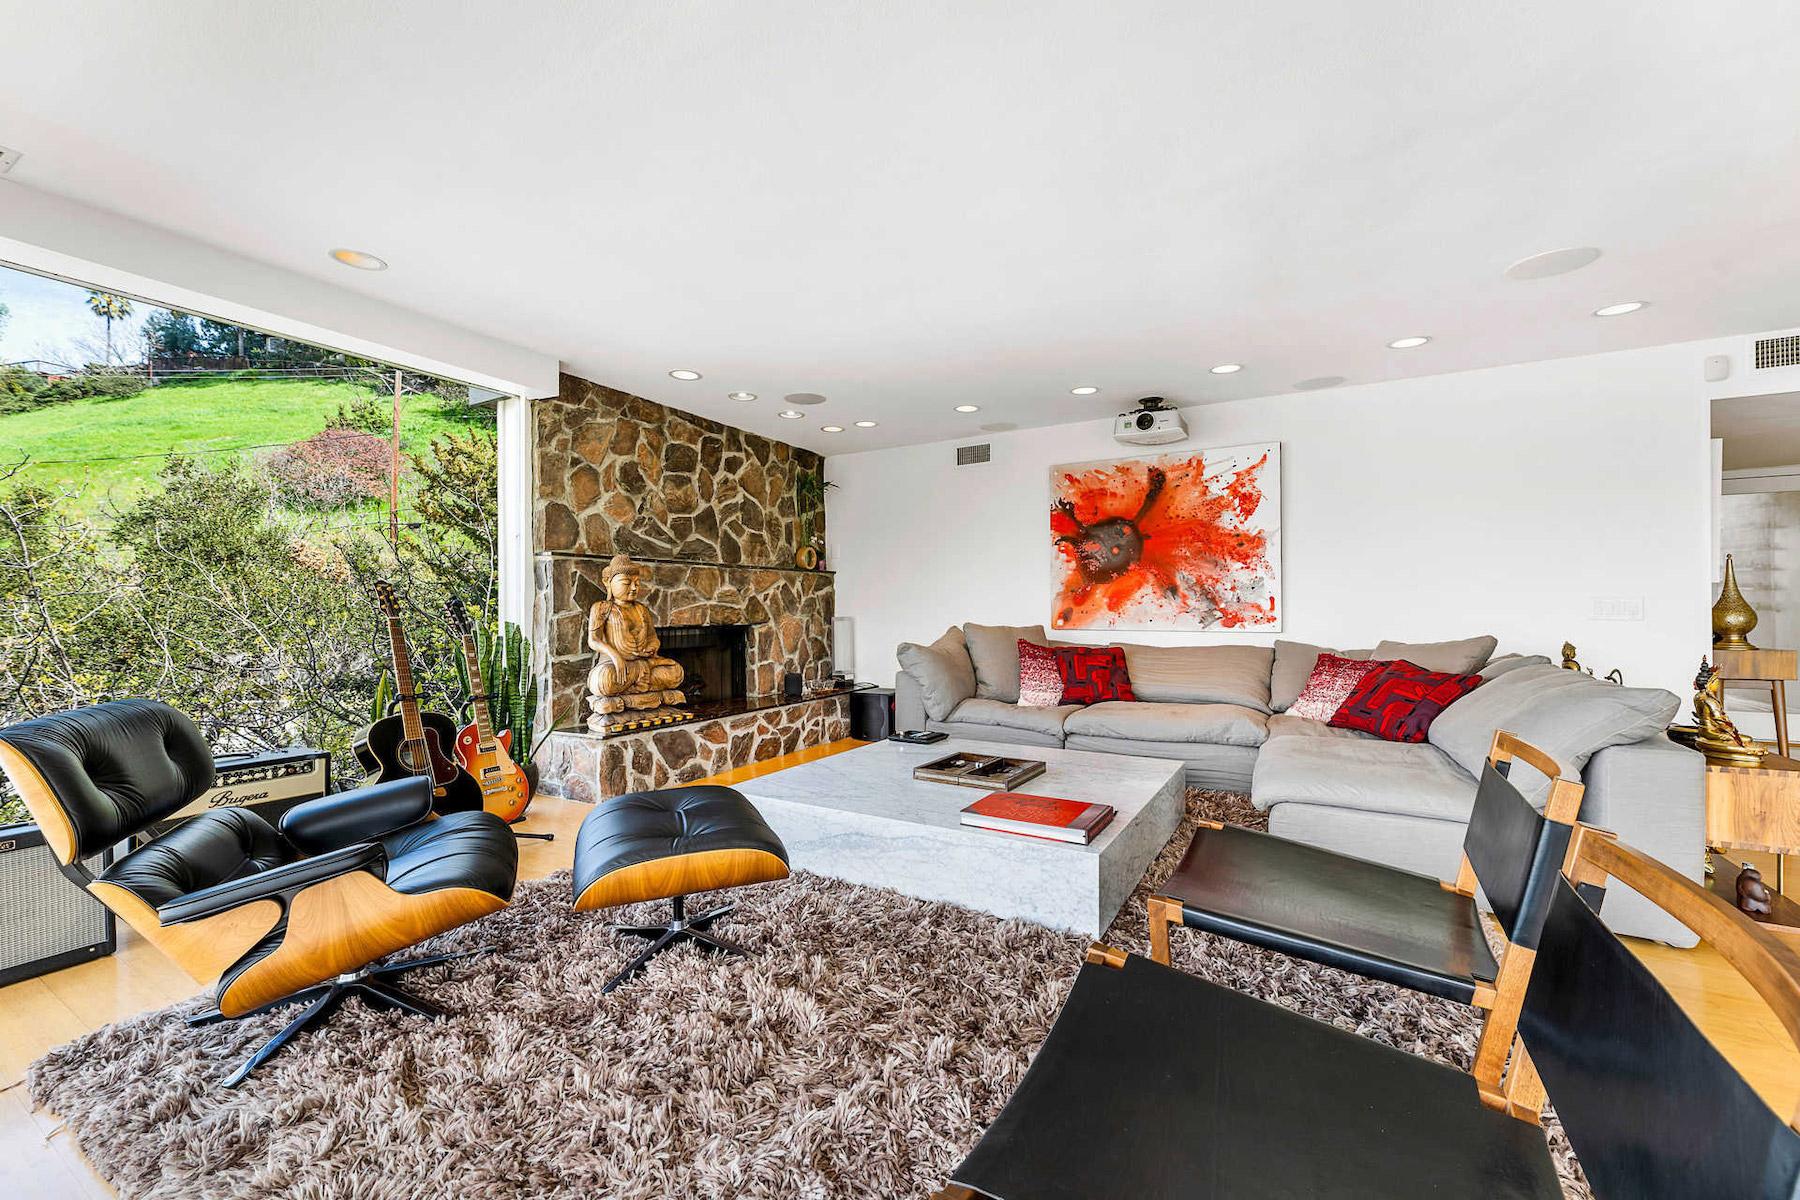 Das aussergewöhnliche Stilt House von Richard Neutra in Kalifornien 7